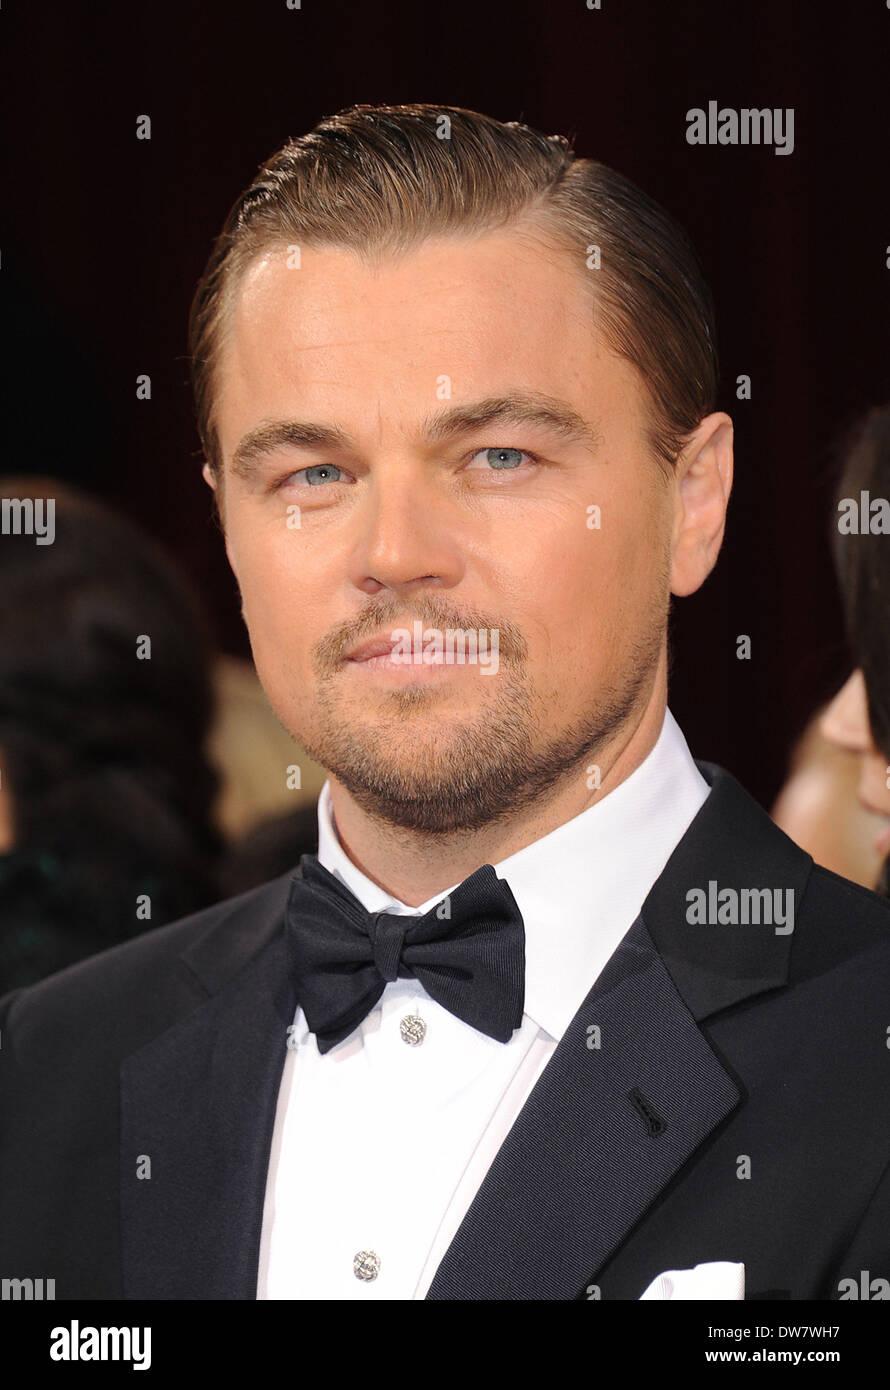 Hollywood, Kalifornien, USA. 2. März 2014. LEONARDO DICAPRIO, kommt ein nominiert für einen Oscar als Stockbild